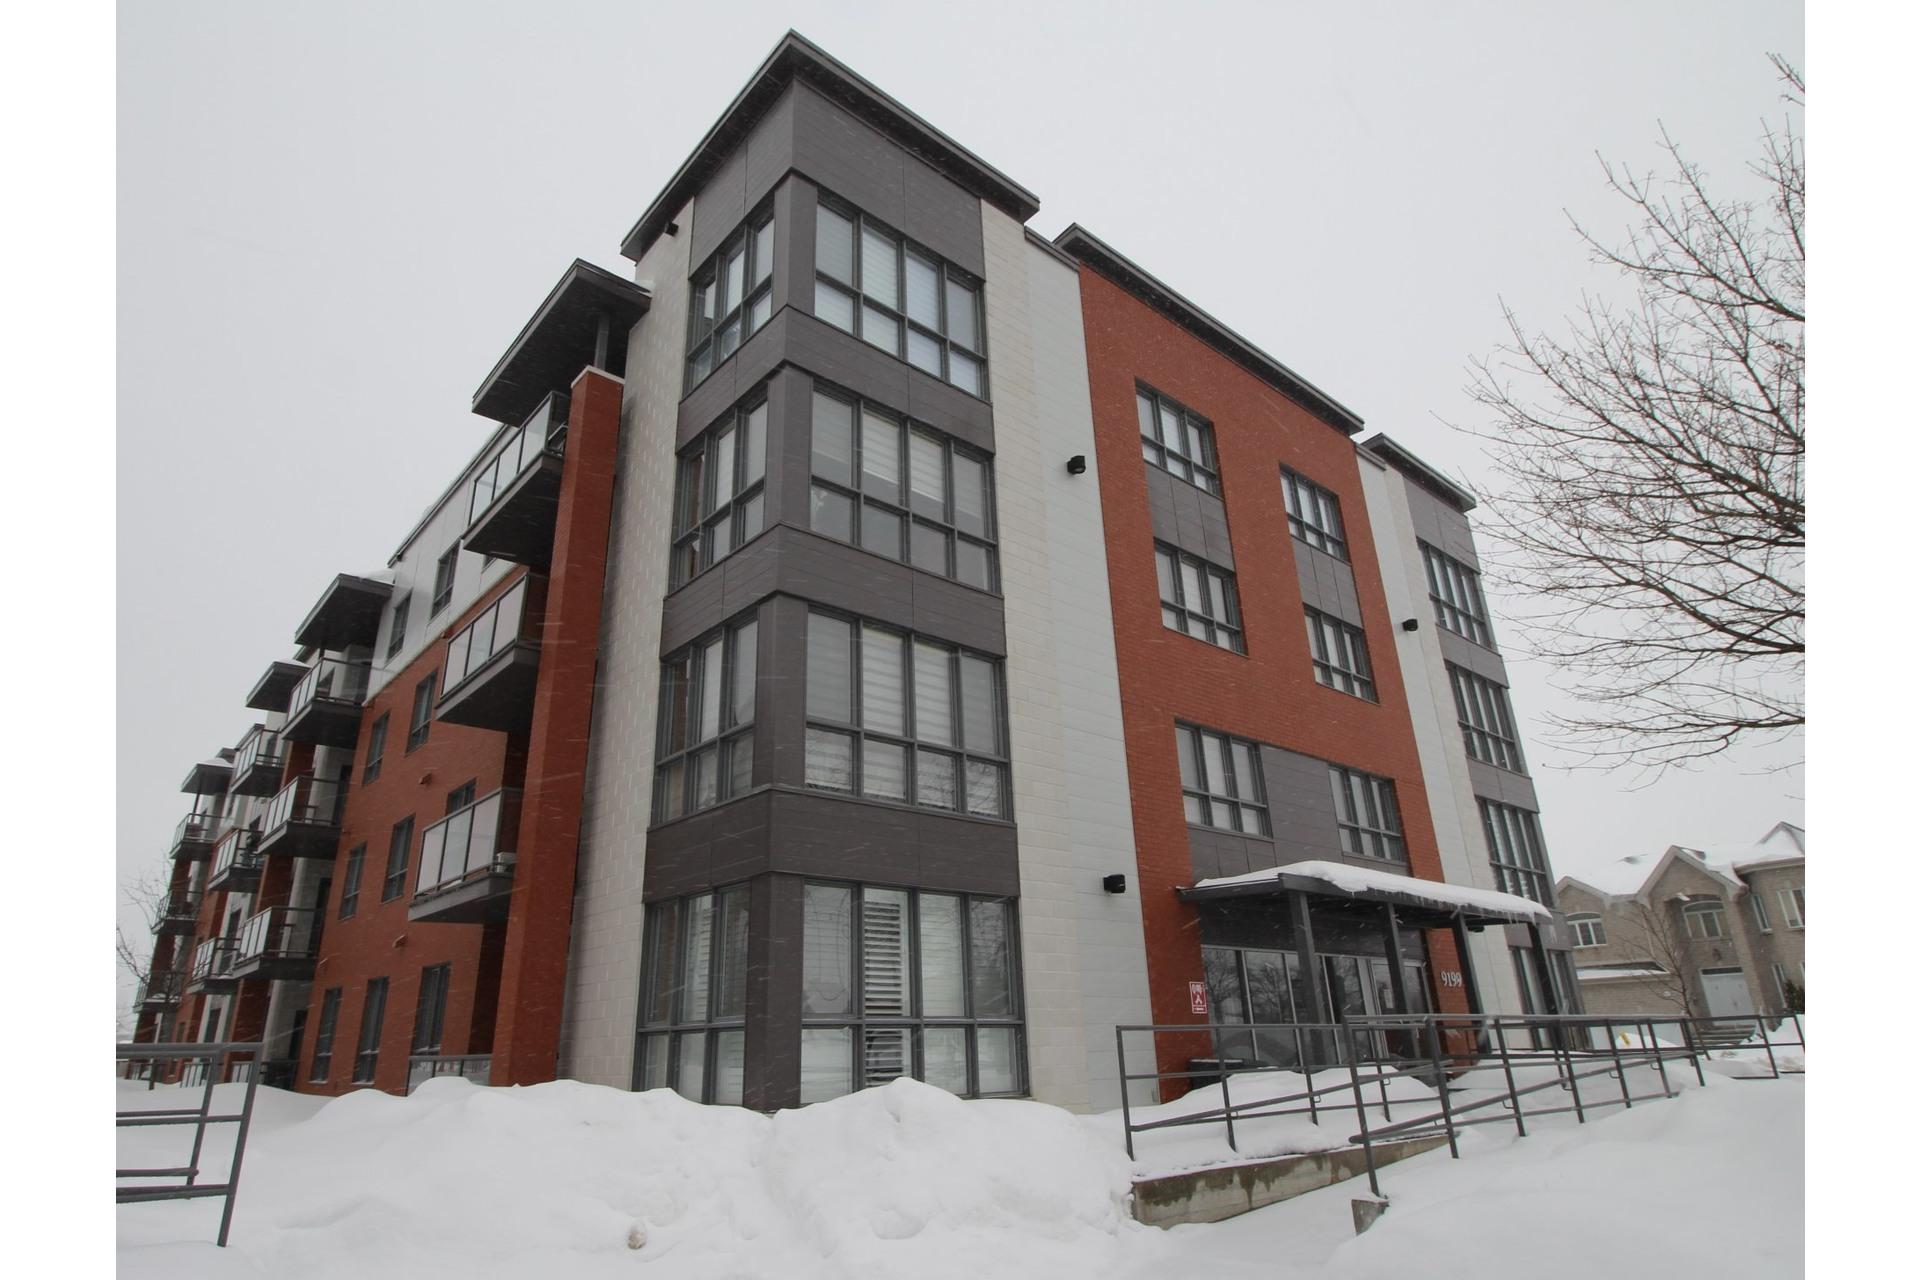 image 25 - Appartement À louer Rivière-des-Prairies/Pointe-aux-Trembles Montréal  - 6 pièces